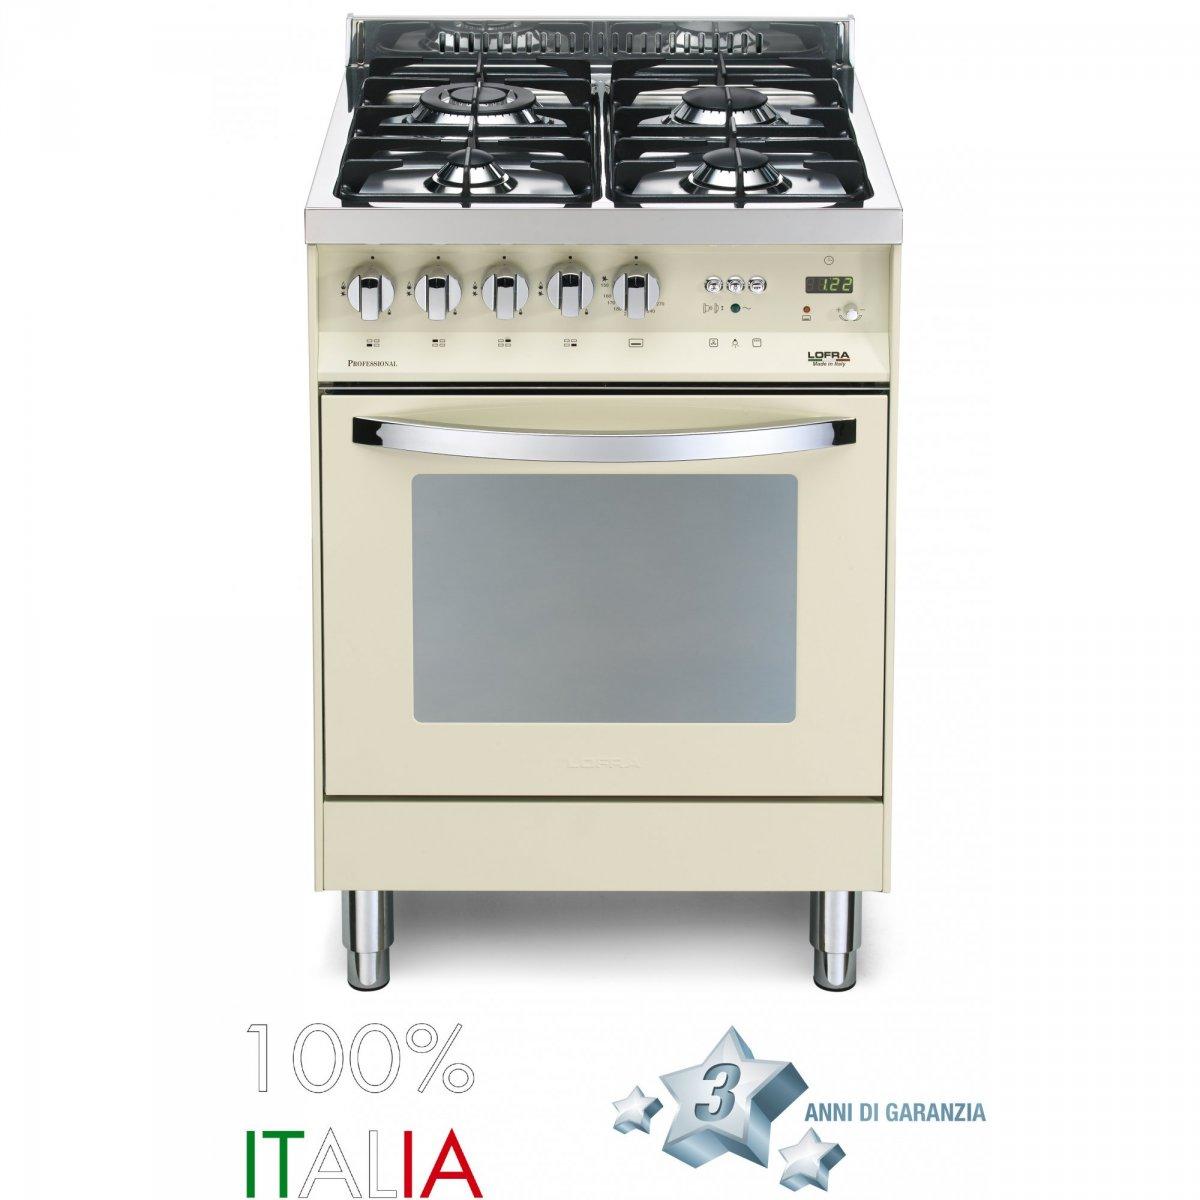 Lofra cucina rainbow 60 avorio forno a gas 4 fuochi pbi66gvtc lofra elettrodomestici cucine - Elettrodomestici cucina a gas ...